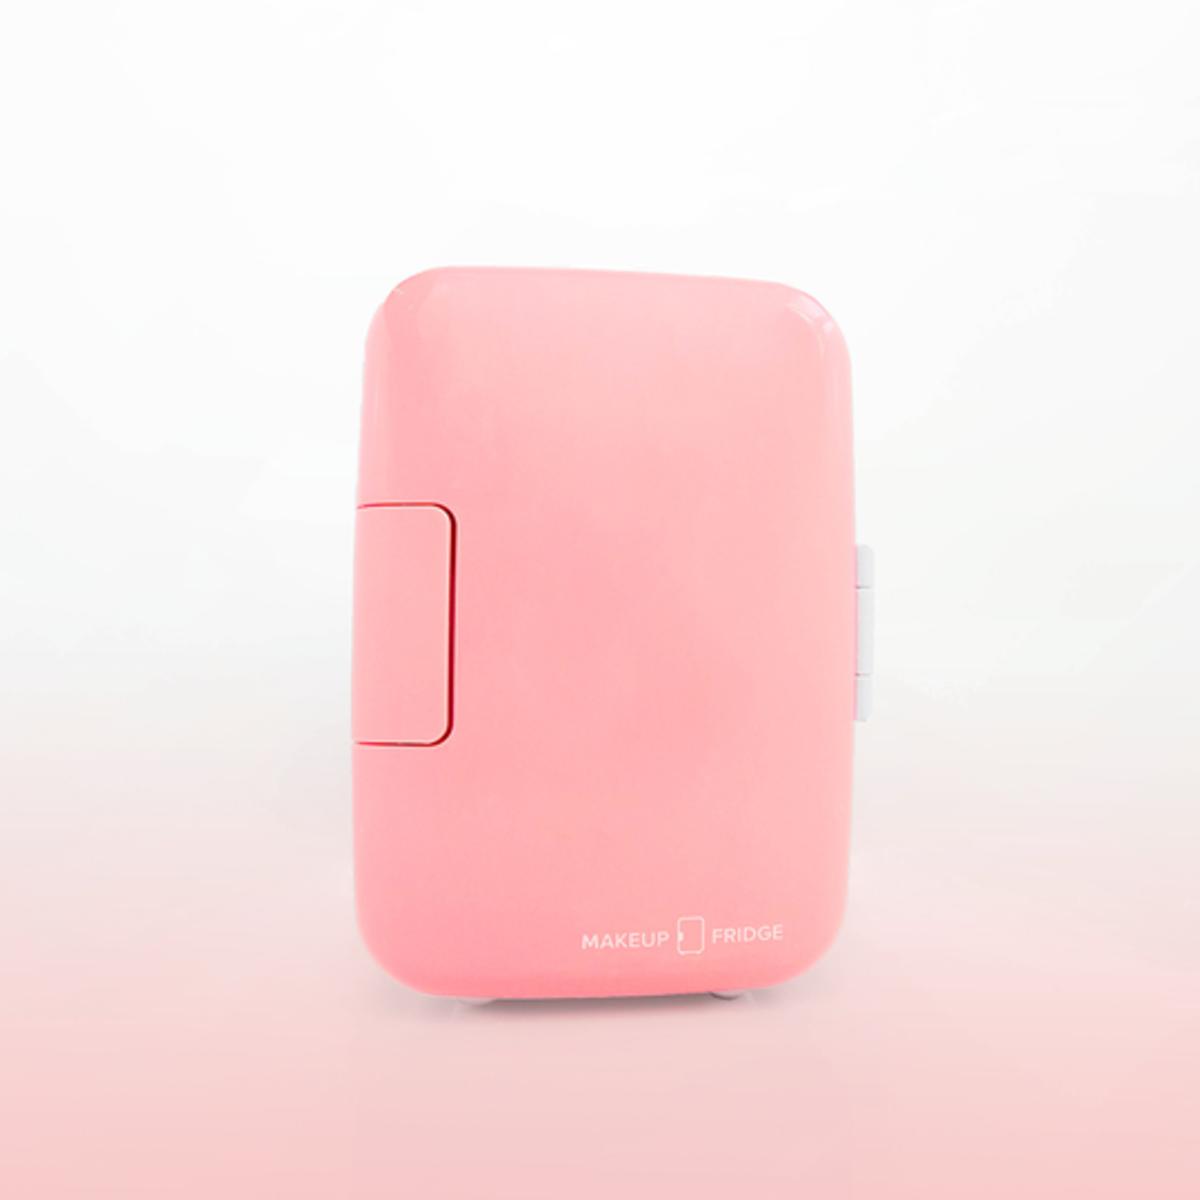 pink-makeup-fridge-1000_540x